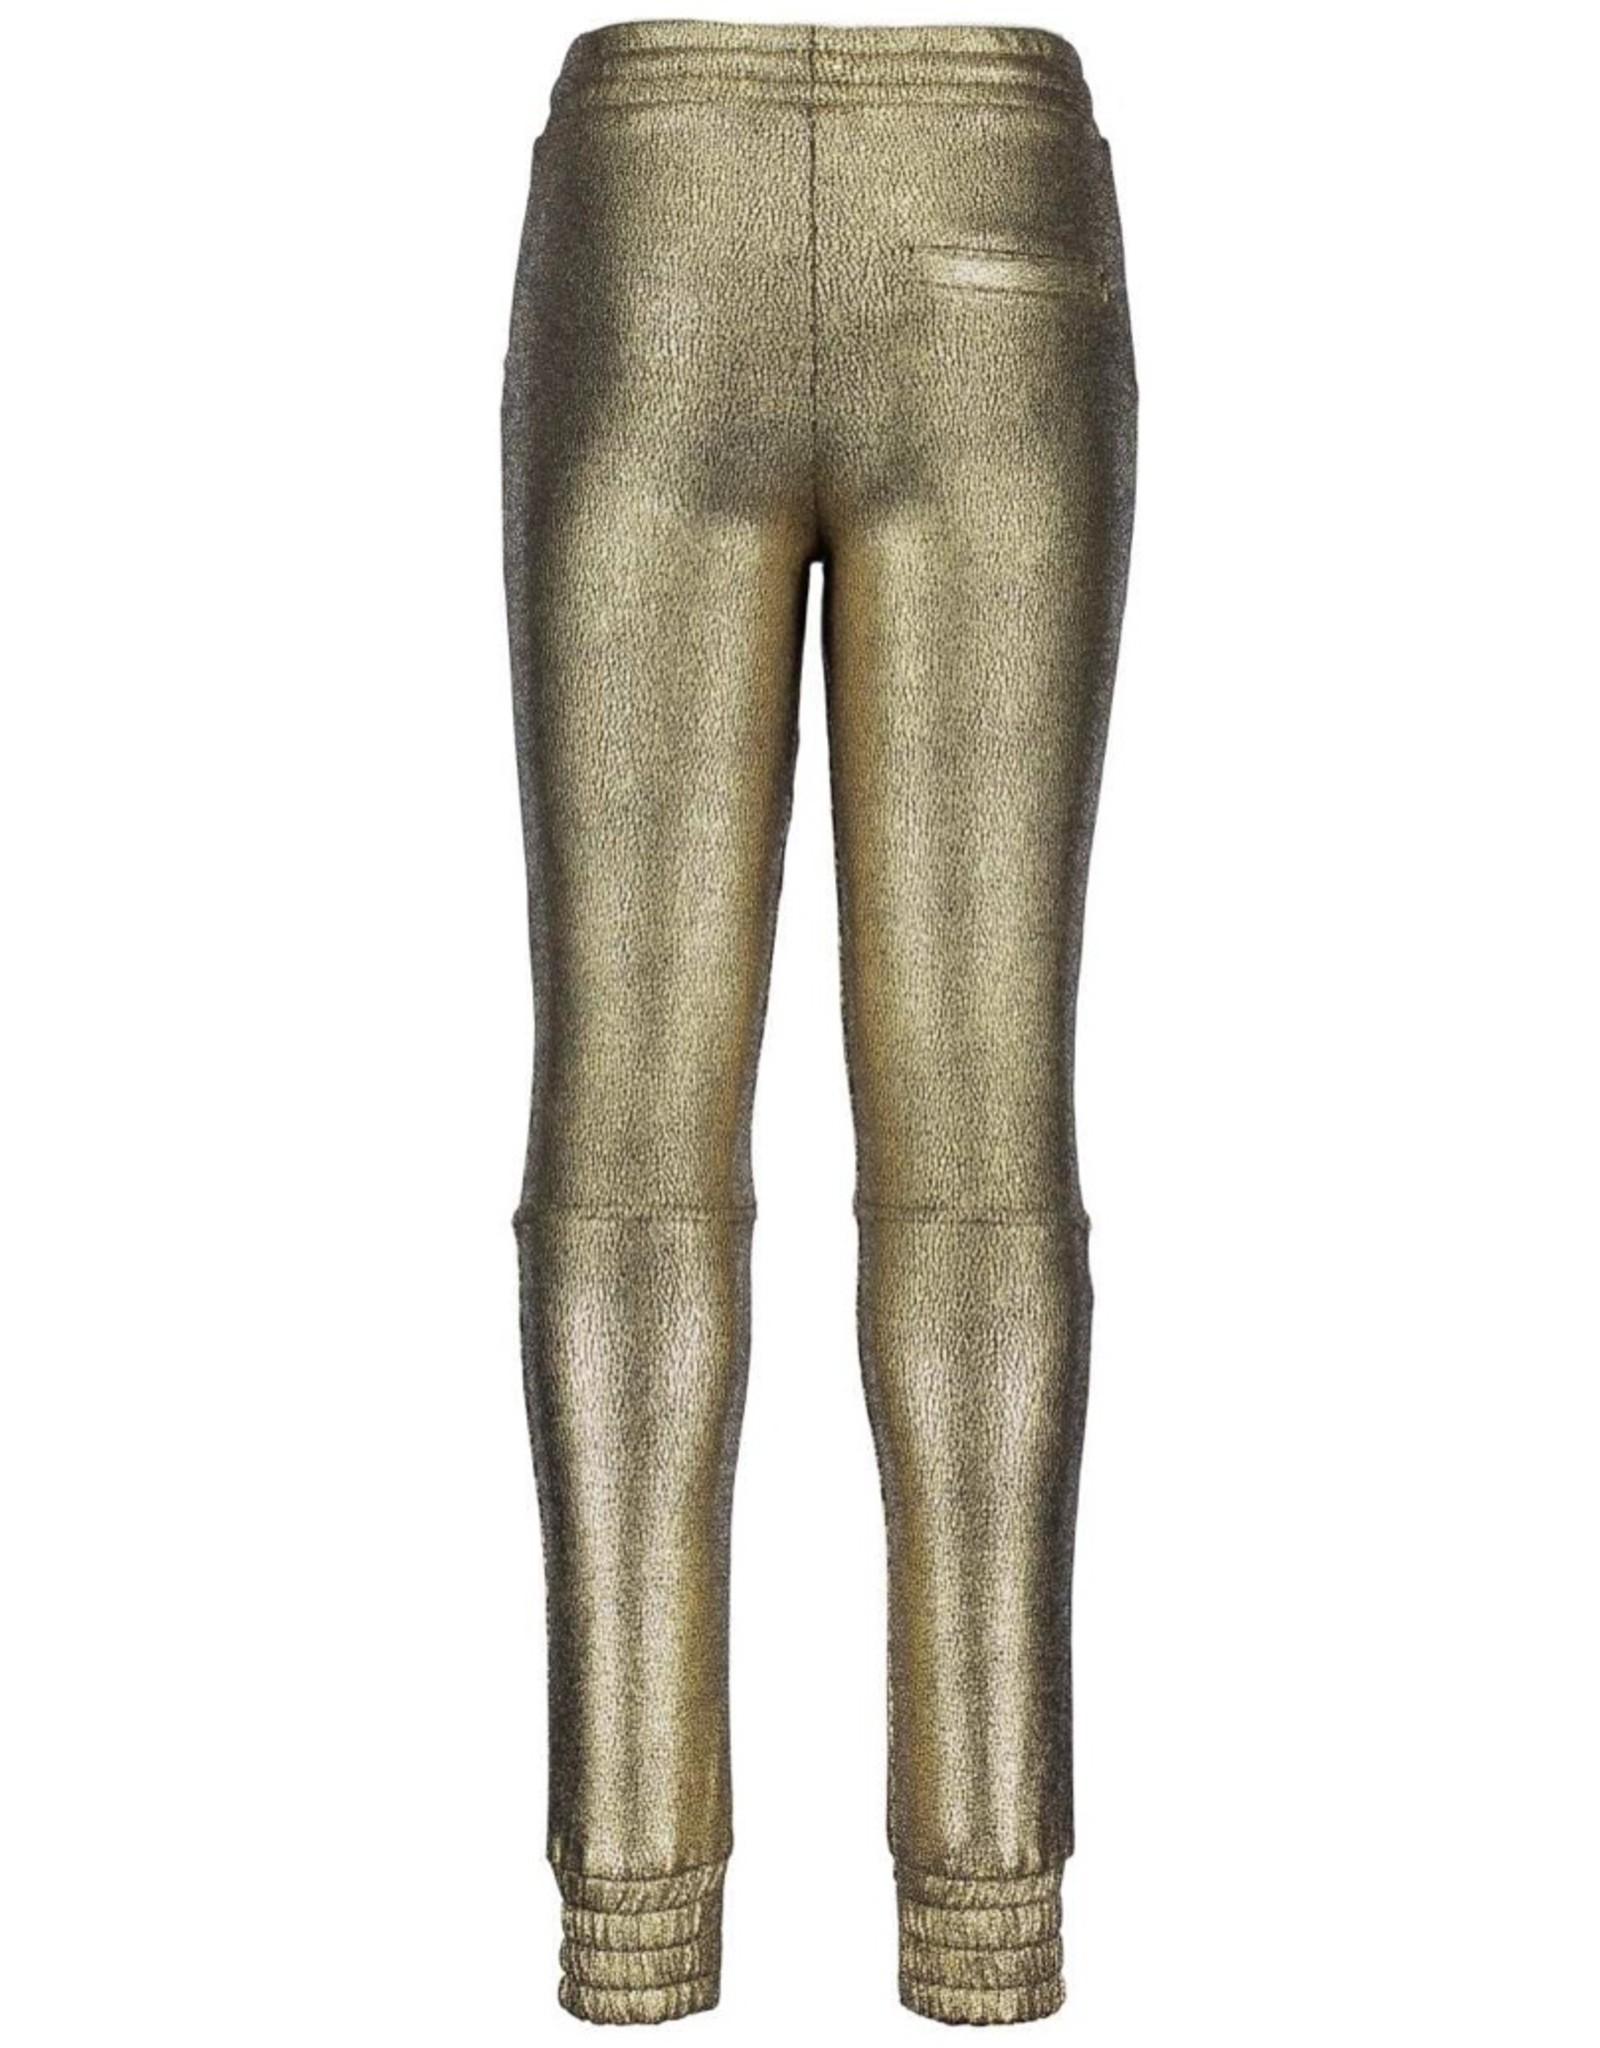 Flo F108-5610 Golden skinny